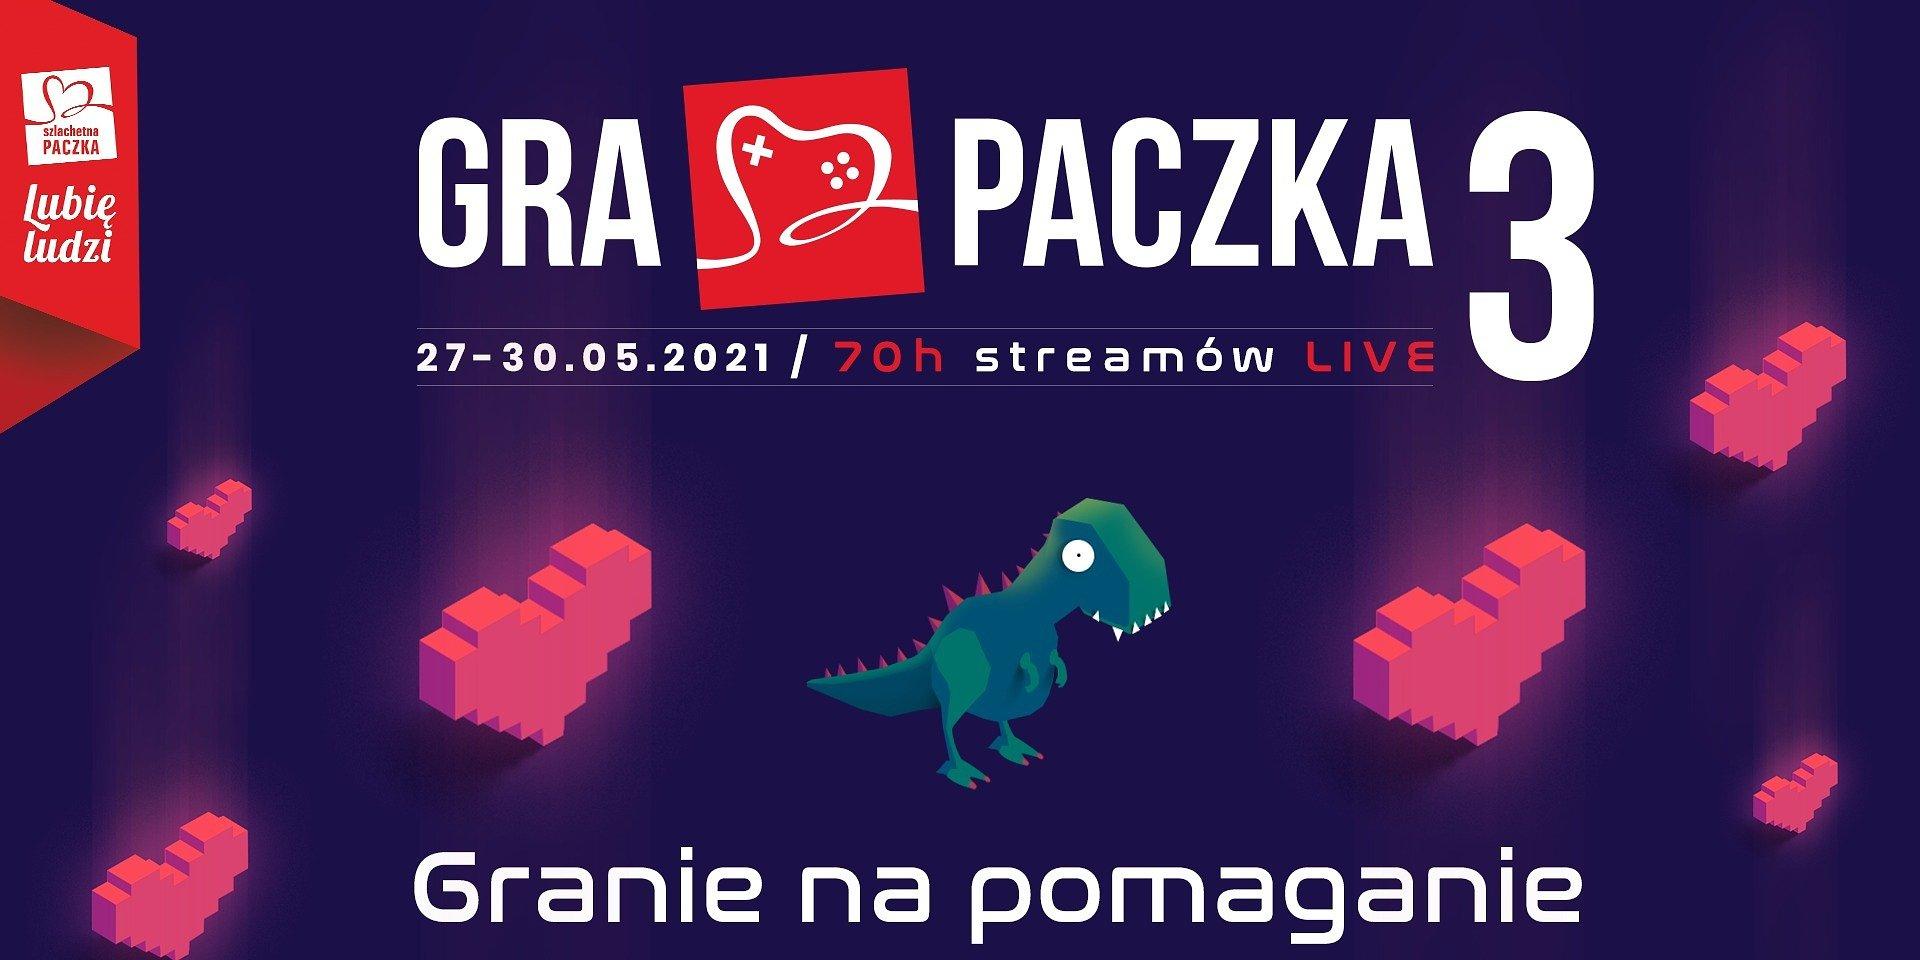 Charytatywny stream Gra Paczka 3 coraz bliżej! Już 27.05 polscy streamerzy zagrają na rzecz Szlachetnej Paczki, organizatora eventu